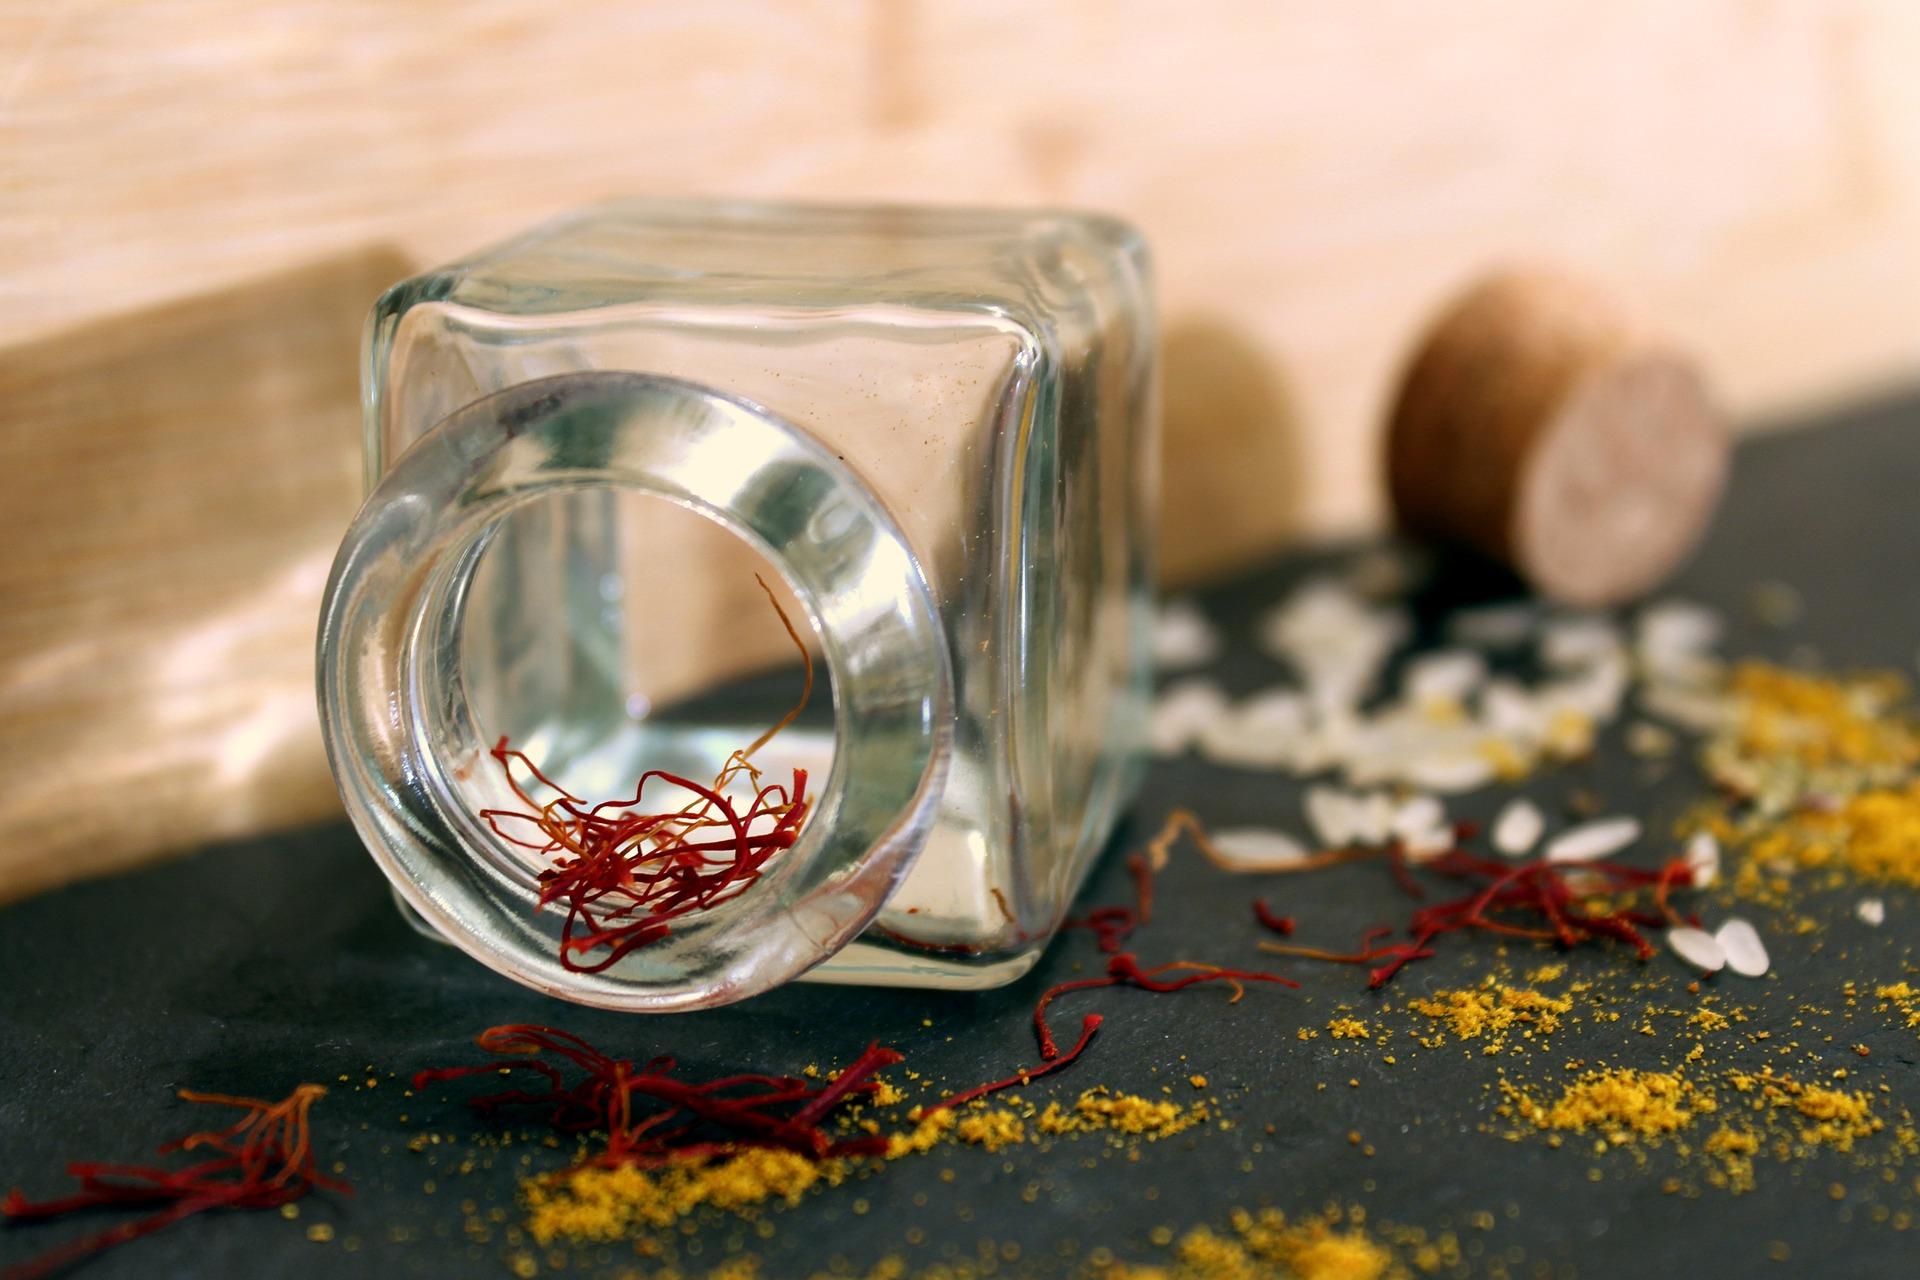 saffron-3082635_1920.jpg